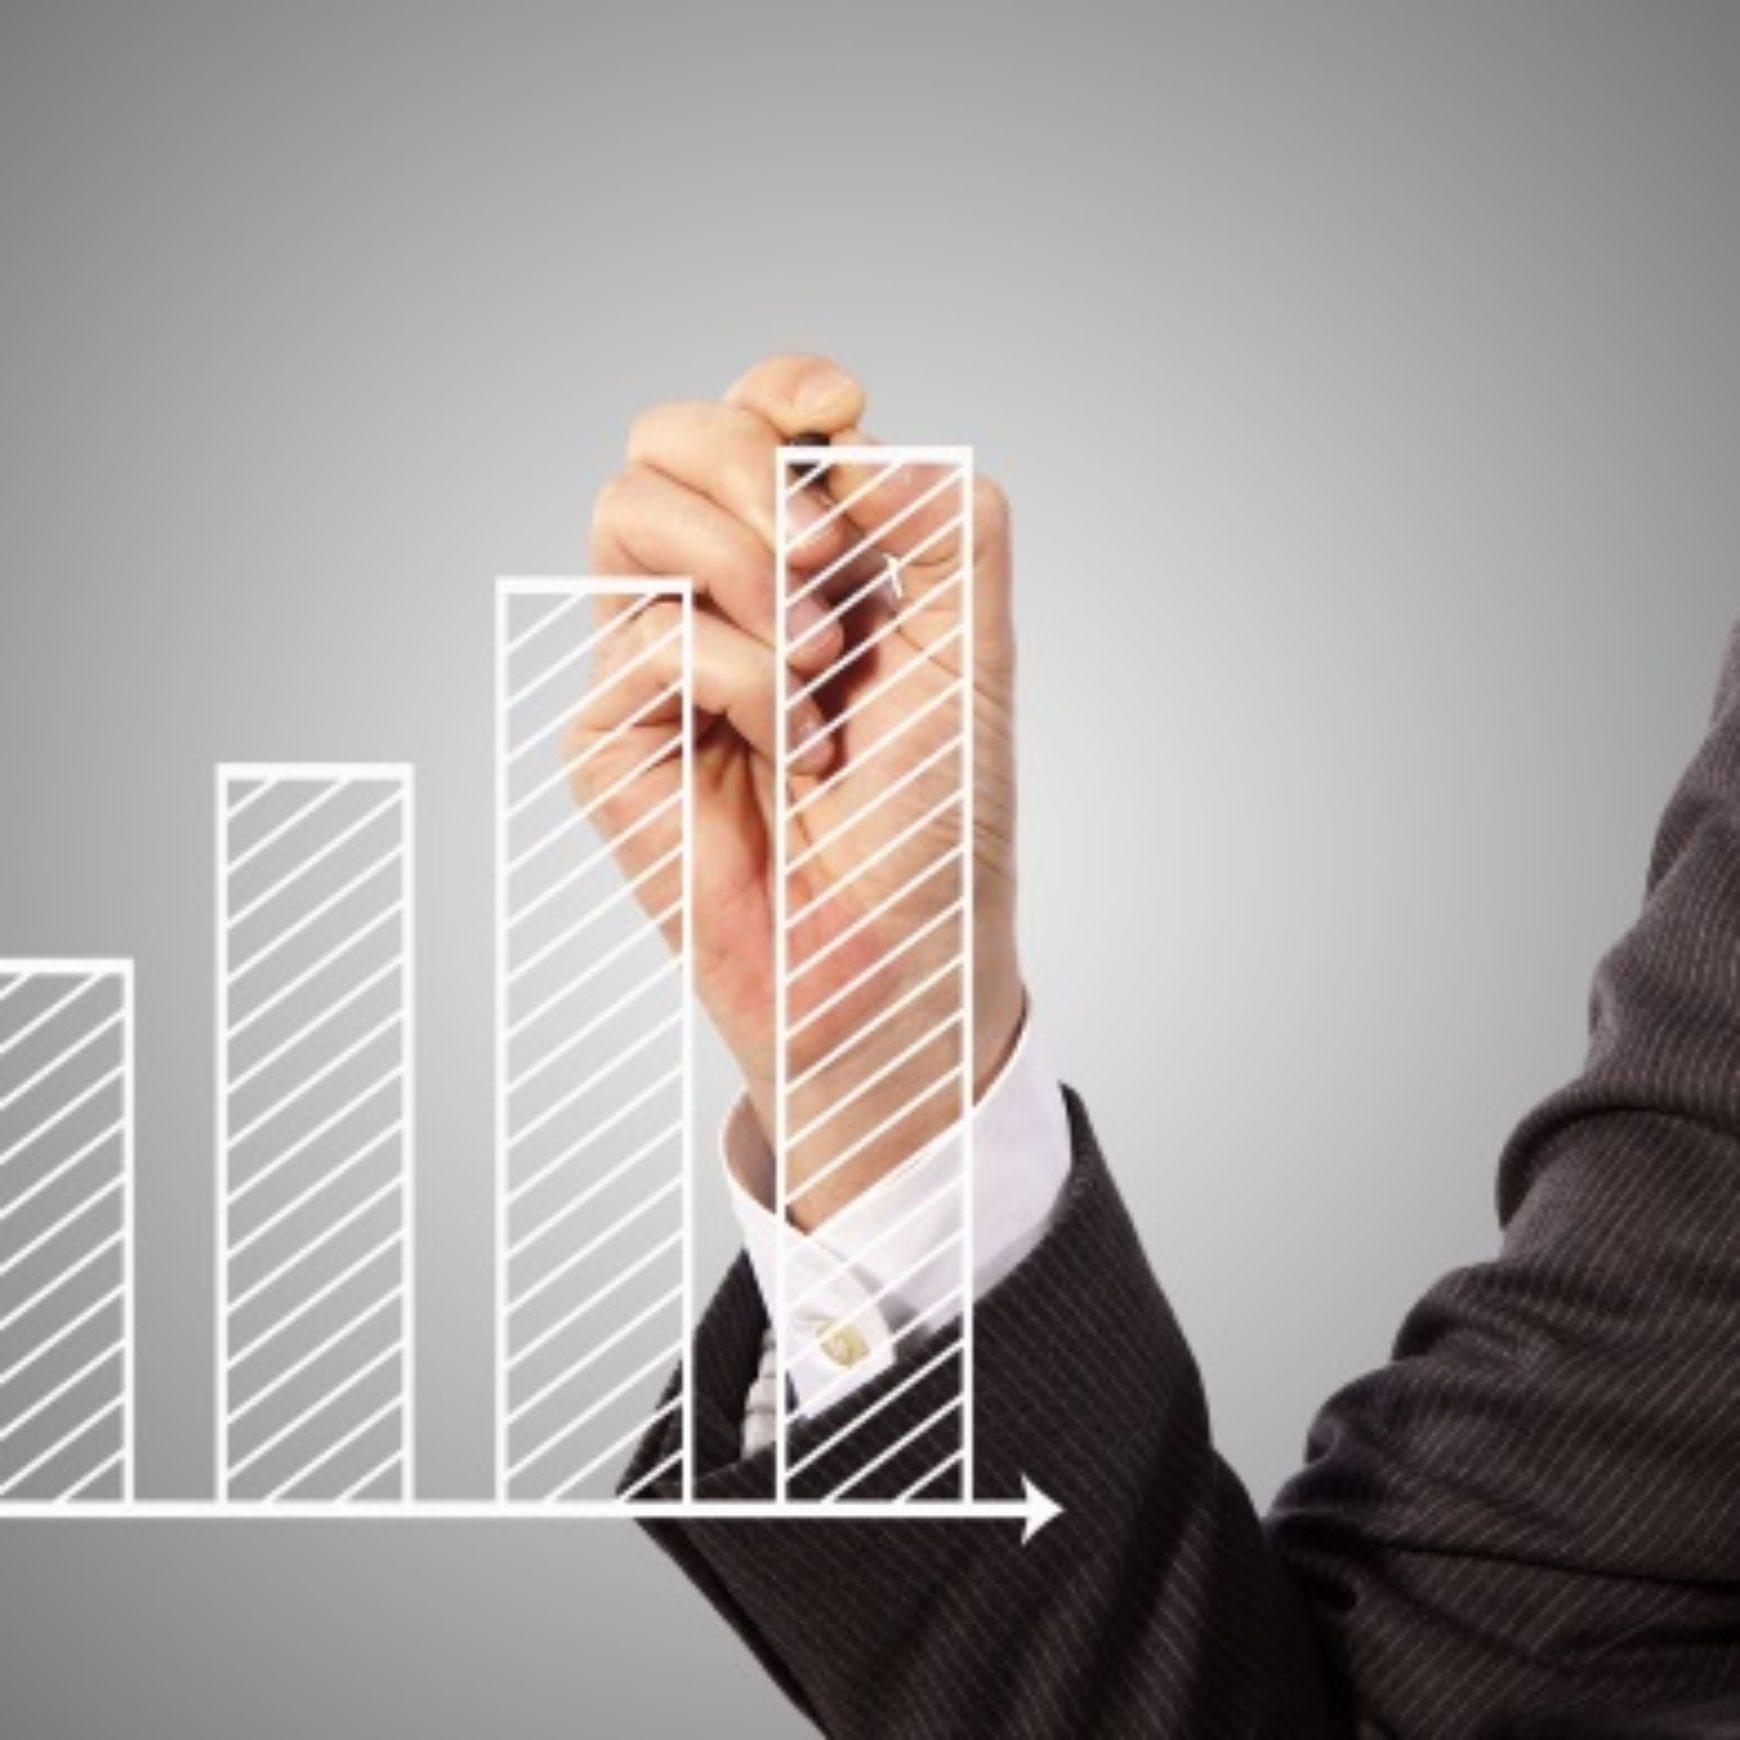 Foco no cliente: a importância da gestão de qualidade para a melhoria contínua